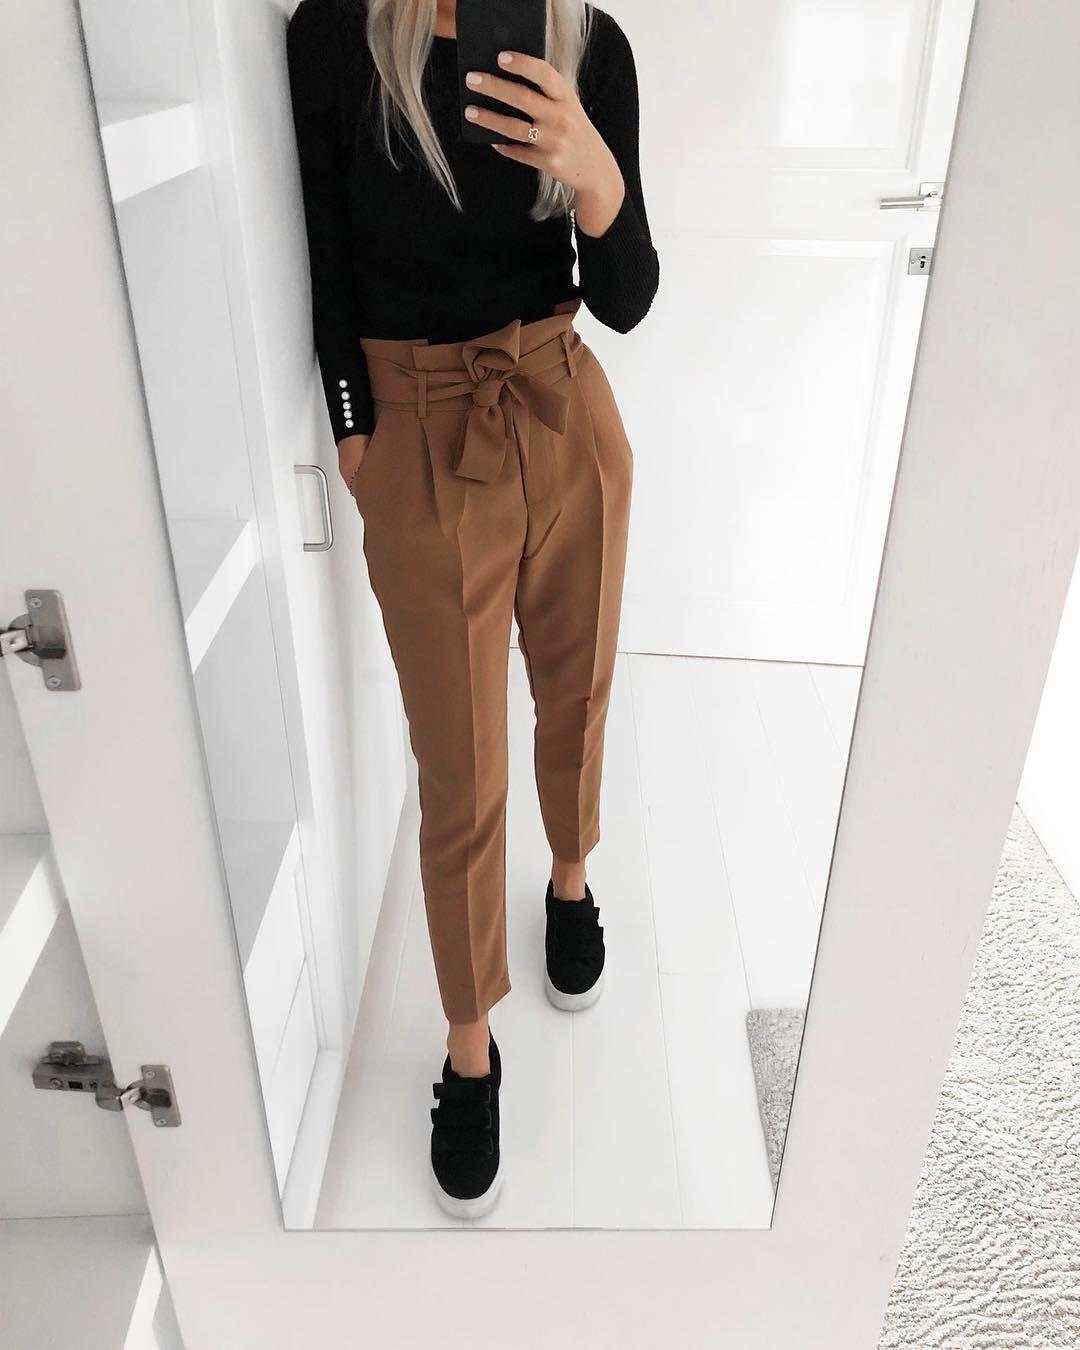 pantalon caramel de Les Bourgeoises sur scanlesbourgeoises